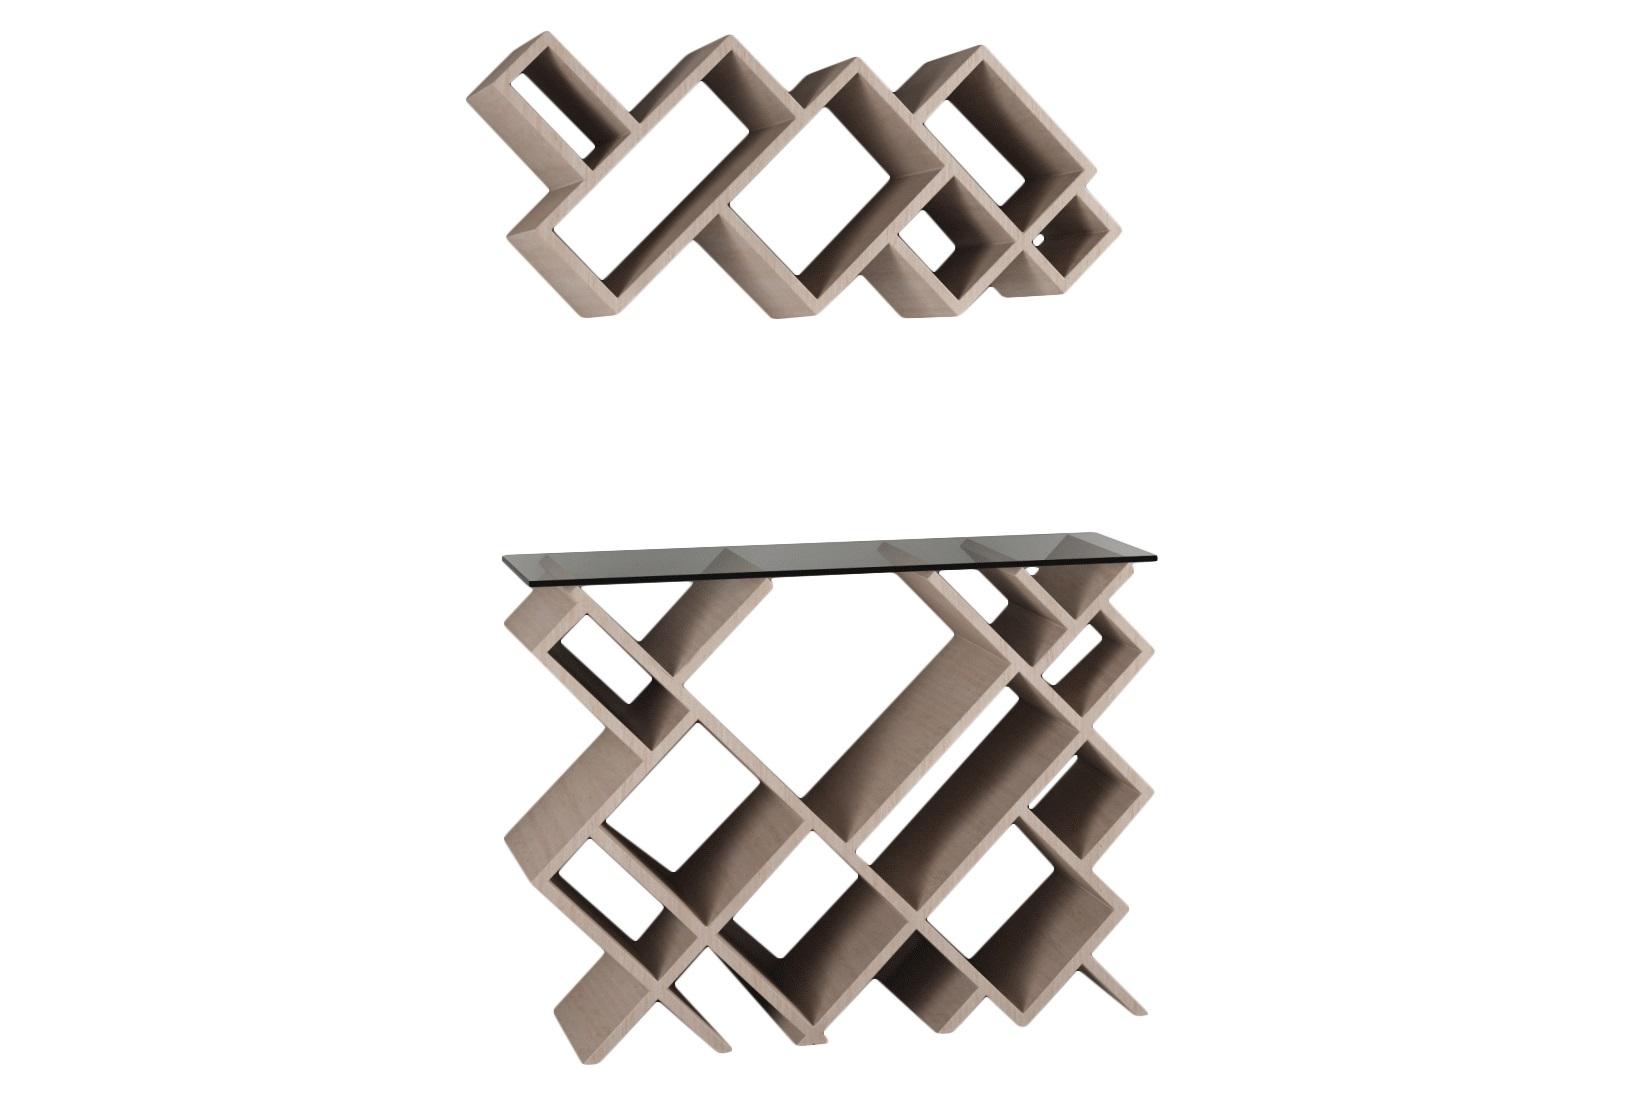 Комплект ГеометрияНеглубокие консоли<br>Необычные, современные полка и столик преобразят ваш интерьер!&amp;amp;nbsp;&amp;lt;div&amp;gt;&amp;lt;br&amp;gt;&amp;lt;/div&amp;gt;&amp;lt;div&amp;gt;Материал: МДФ, шпон&amp;amp;nbsp;&amp;lt;/div&amp;gt;&amp;lt;div&amp;gt;Установка требуется&amp;amp;nbsp;&amp;lt;/div&amp;gt;&amp;lt;div&amp;gt;Размеры: верхняя часть - 85x 37x24см;&amp;amp;nbsp;&amp;lt;/div&amp;gt;&amp;lt;div&amp;gt;Нижняя часть - 85x67x24см&amp;lt;/div&amp;gt;<br><br>Material: МДФ<br>Ширина см: 67<br>Высота см: 85<br>Глубина см: 24